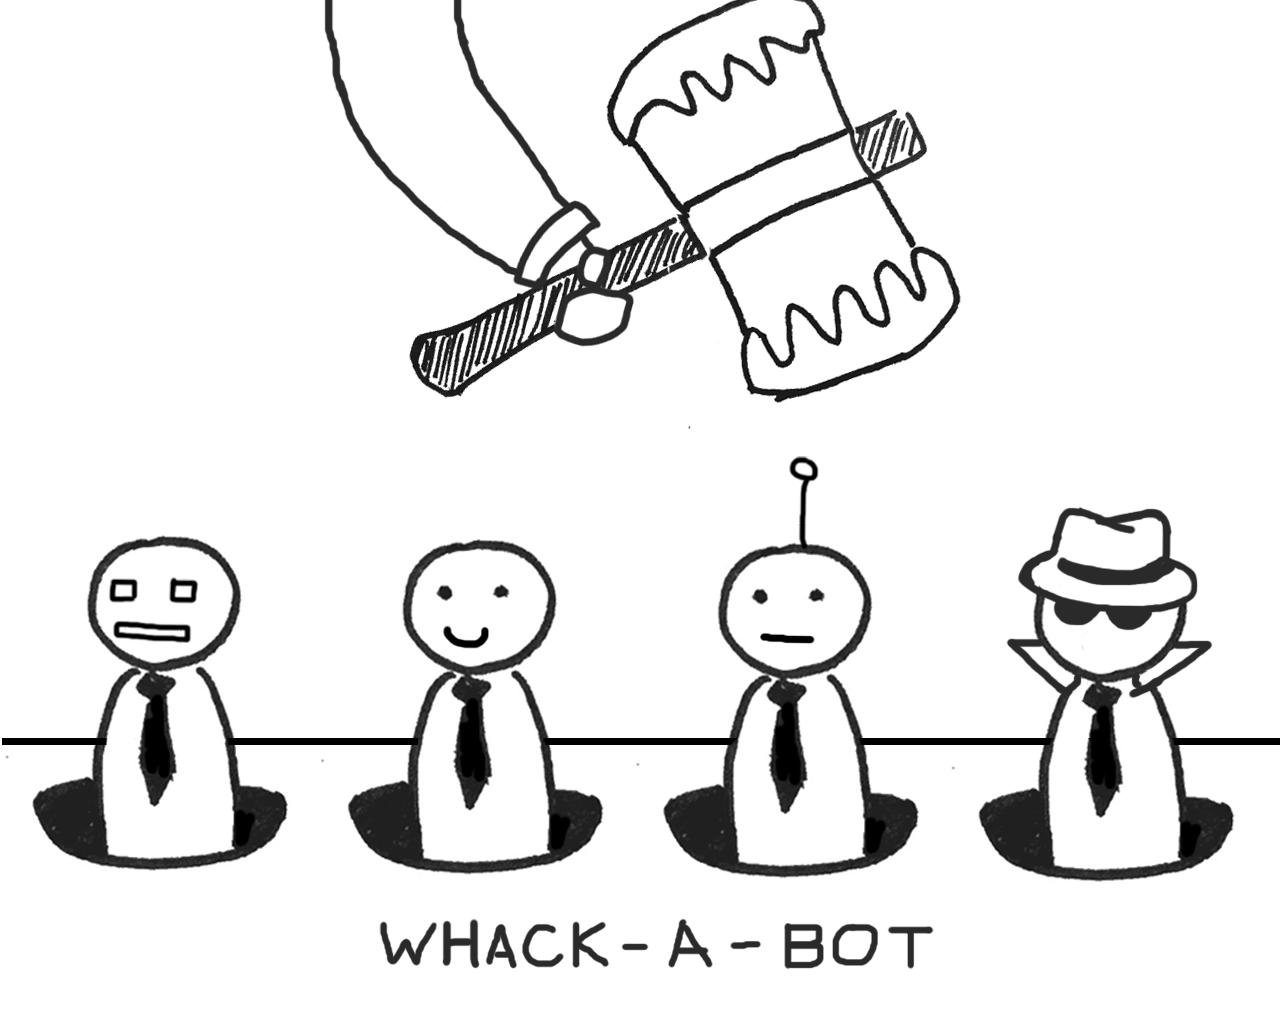 Whack A Bot Fighting Fake News